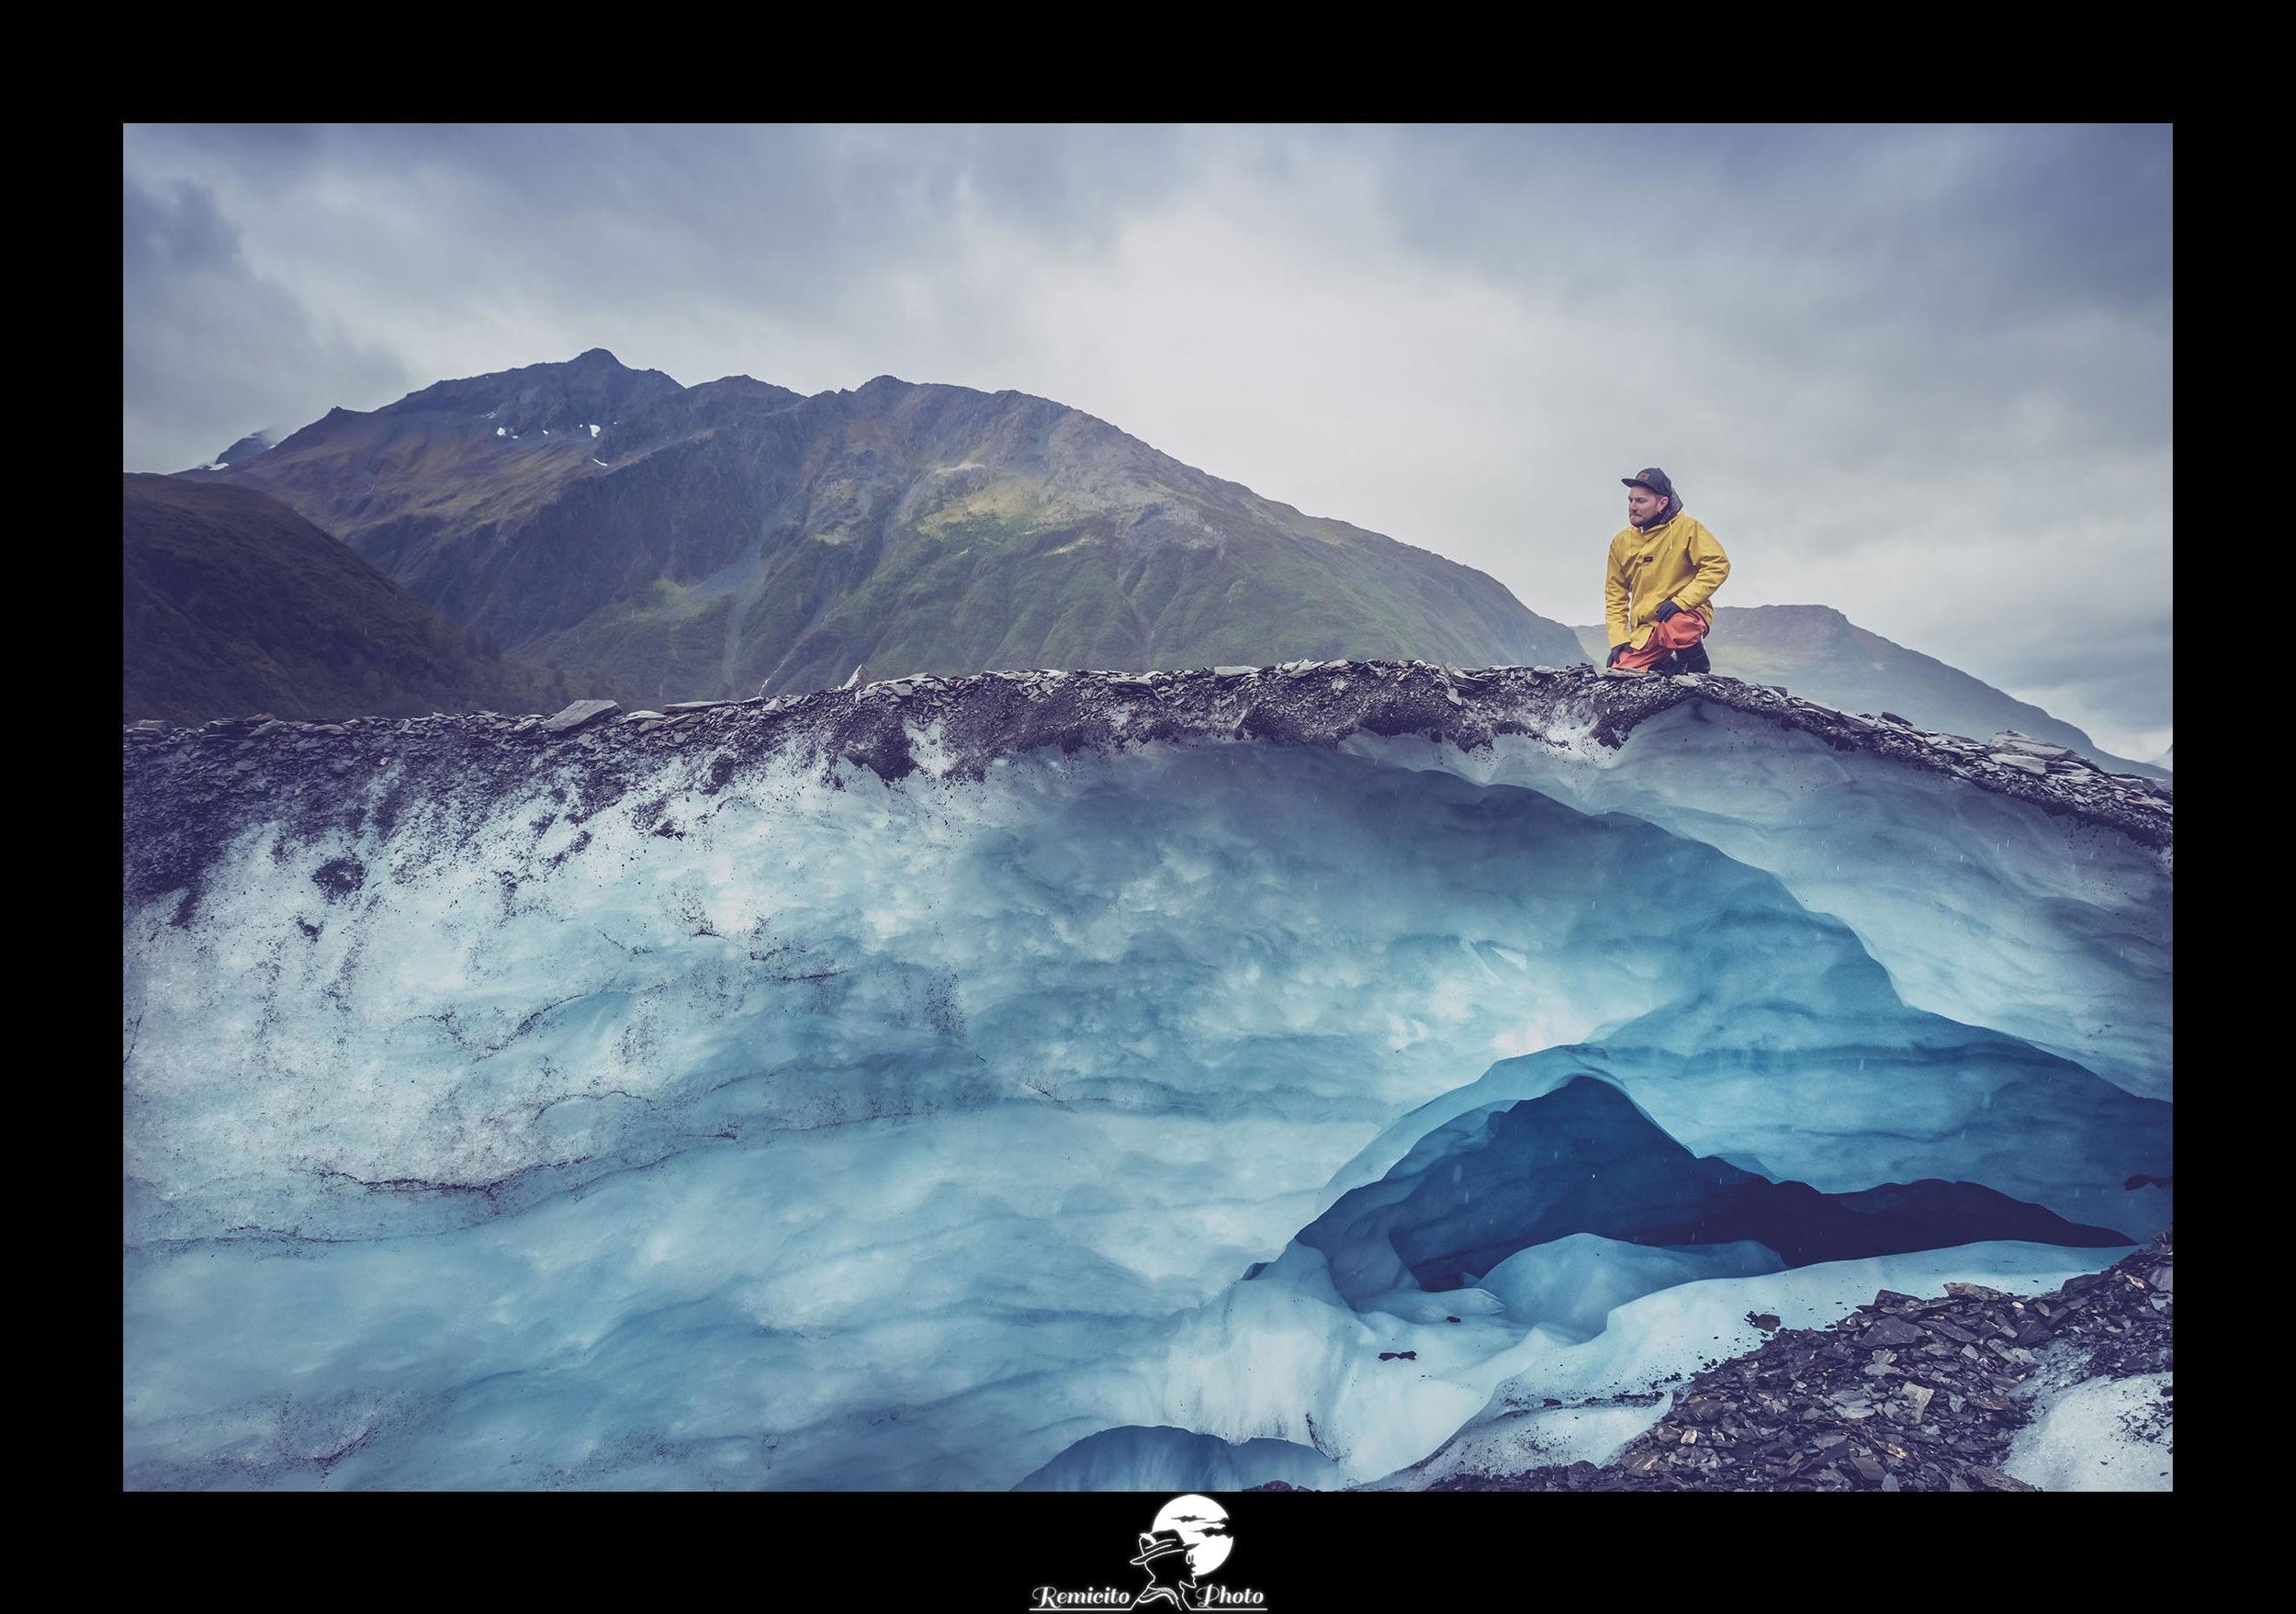 remicito photo, image du jour, photo du jour, photo of the day, valdez galcier alaska, belle photo glacier alaska, photo remicito alaska, belle photo cadeau, idée cadeau photo, idée déco belle photo, voyage alaska